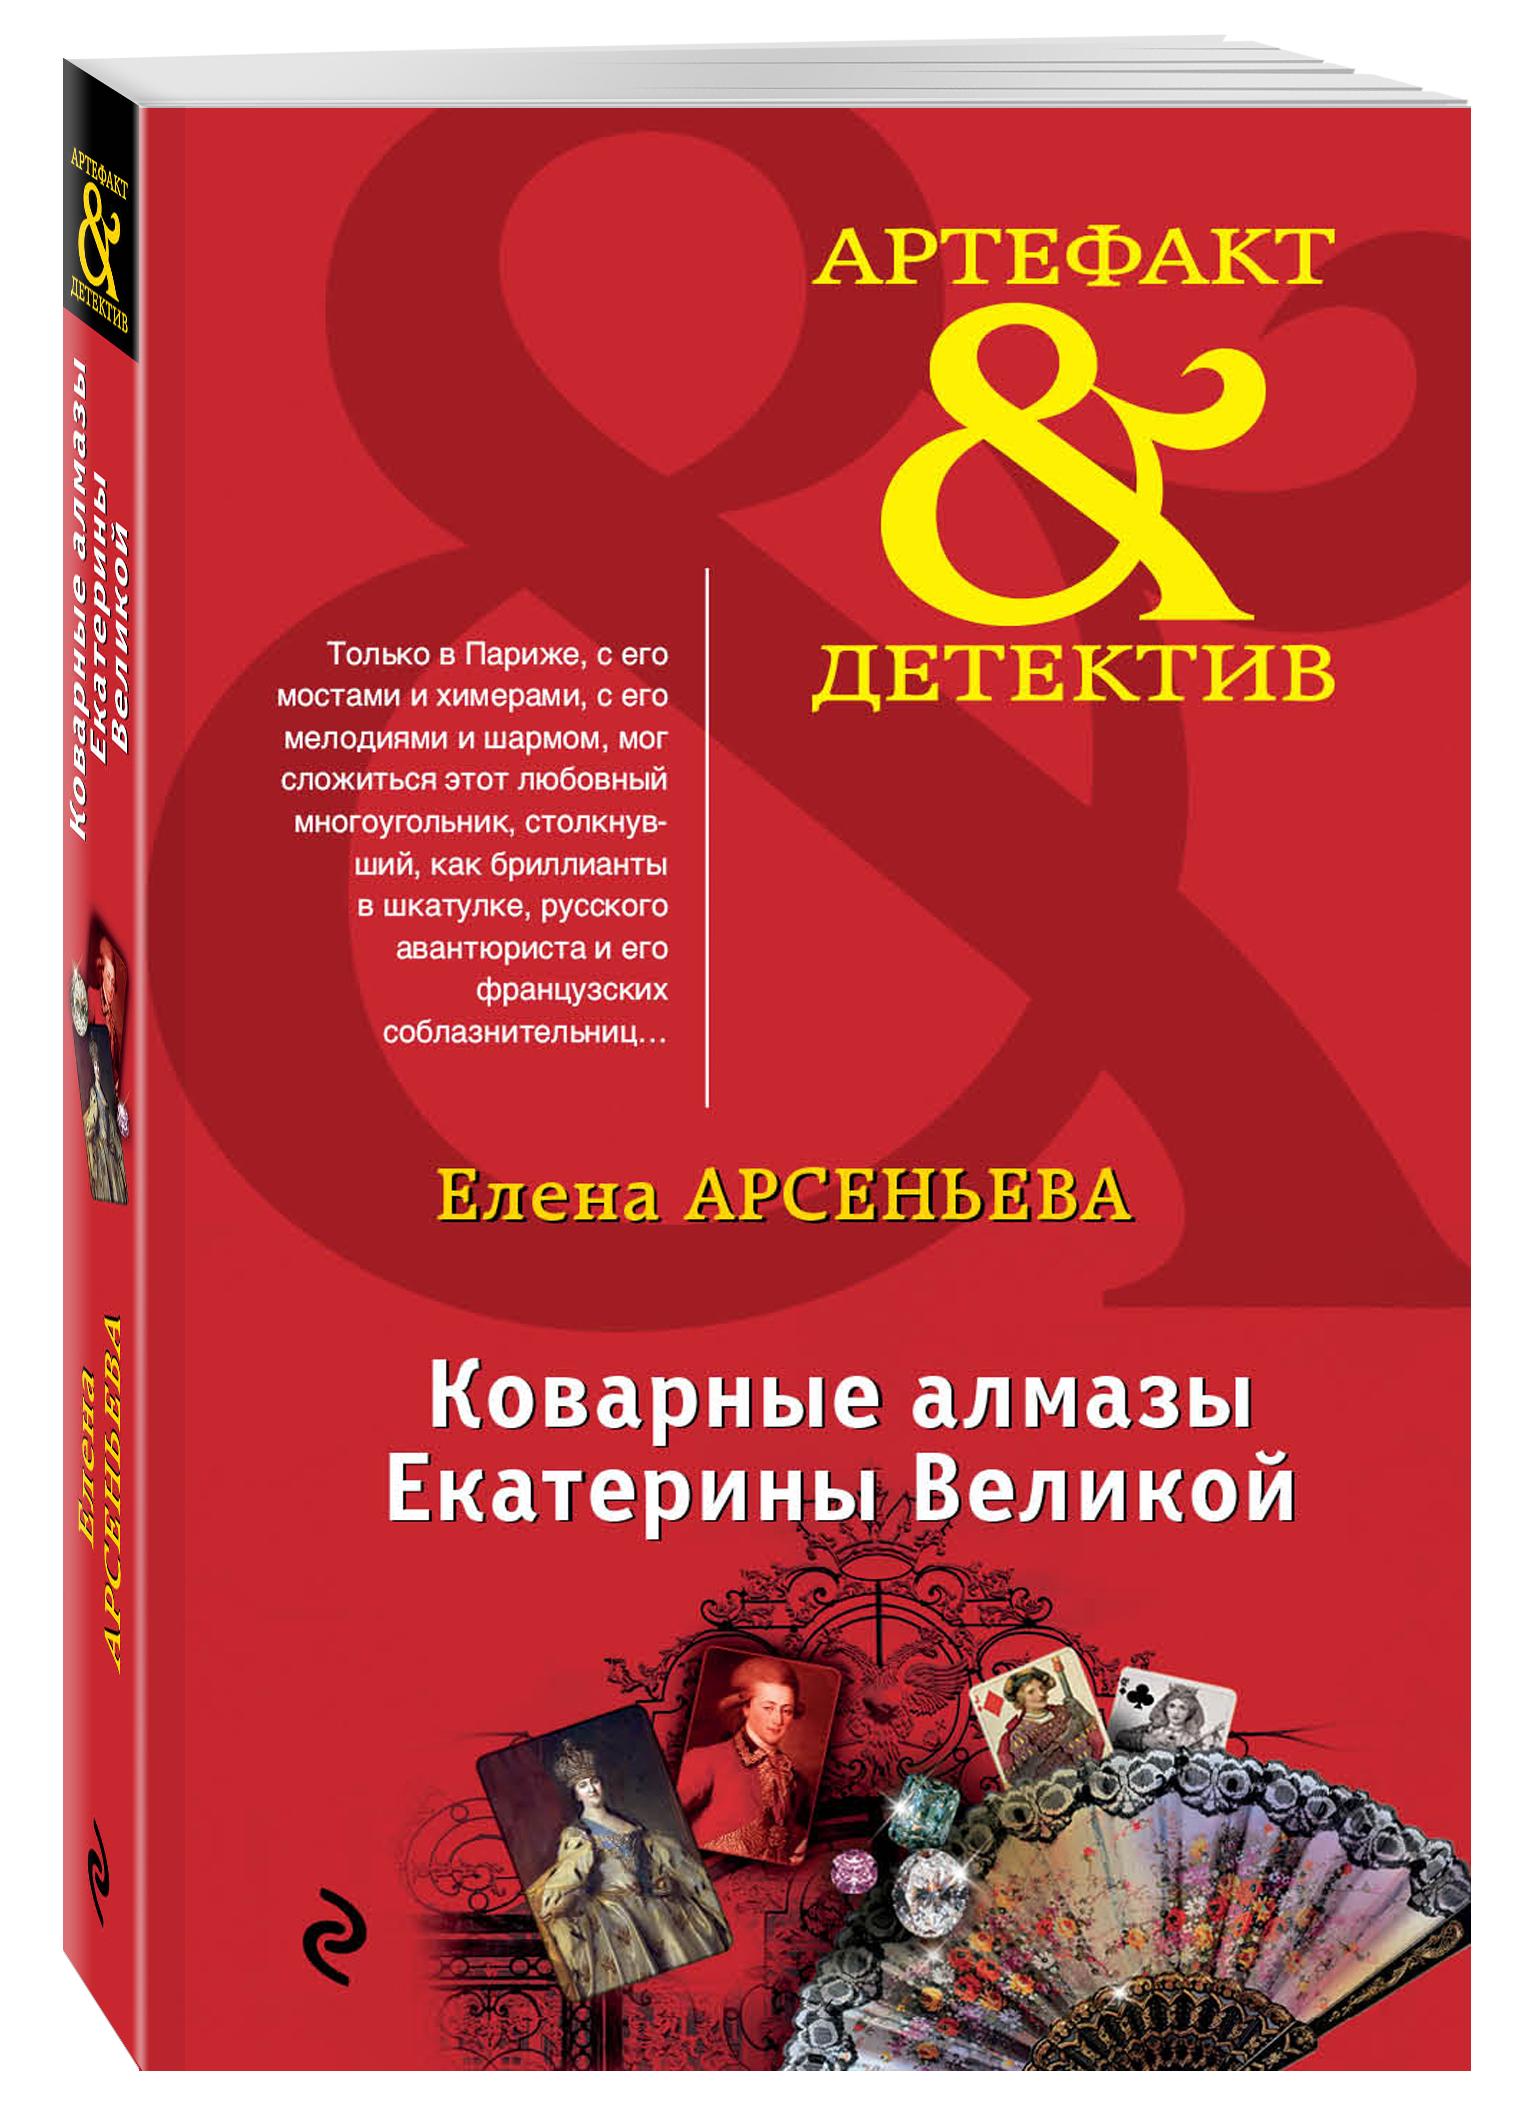 Елена Арсеньева Коварные алмазы Екатерины Великой